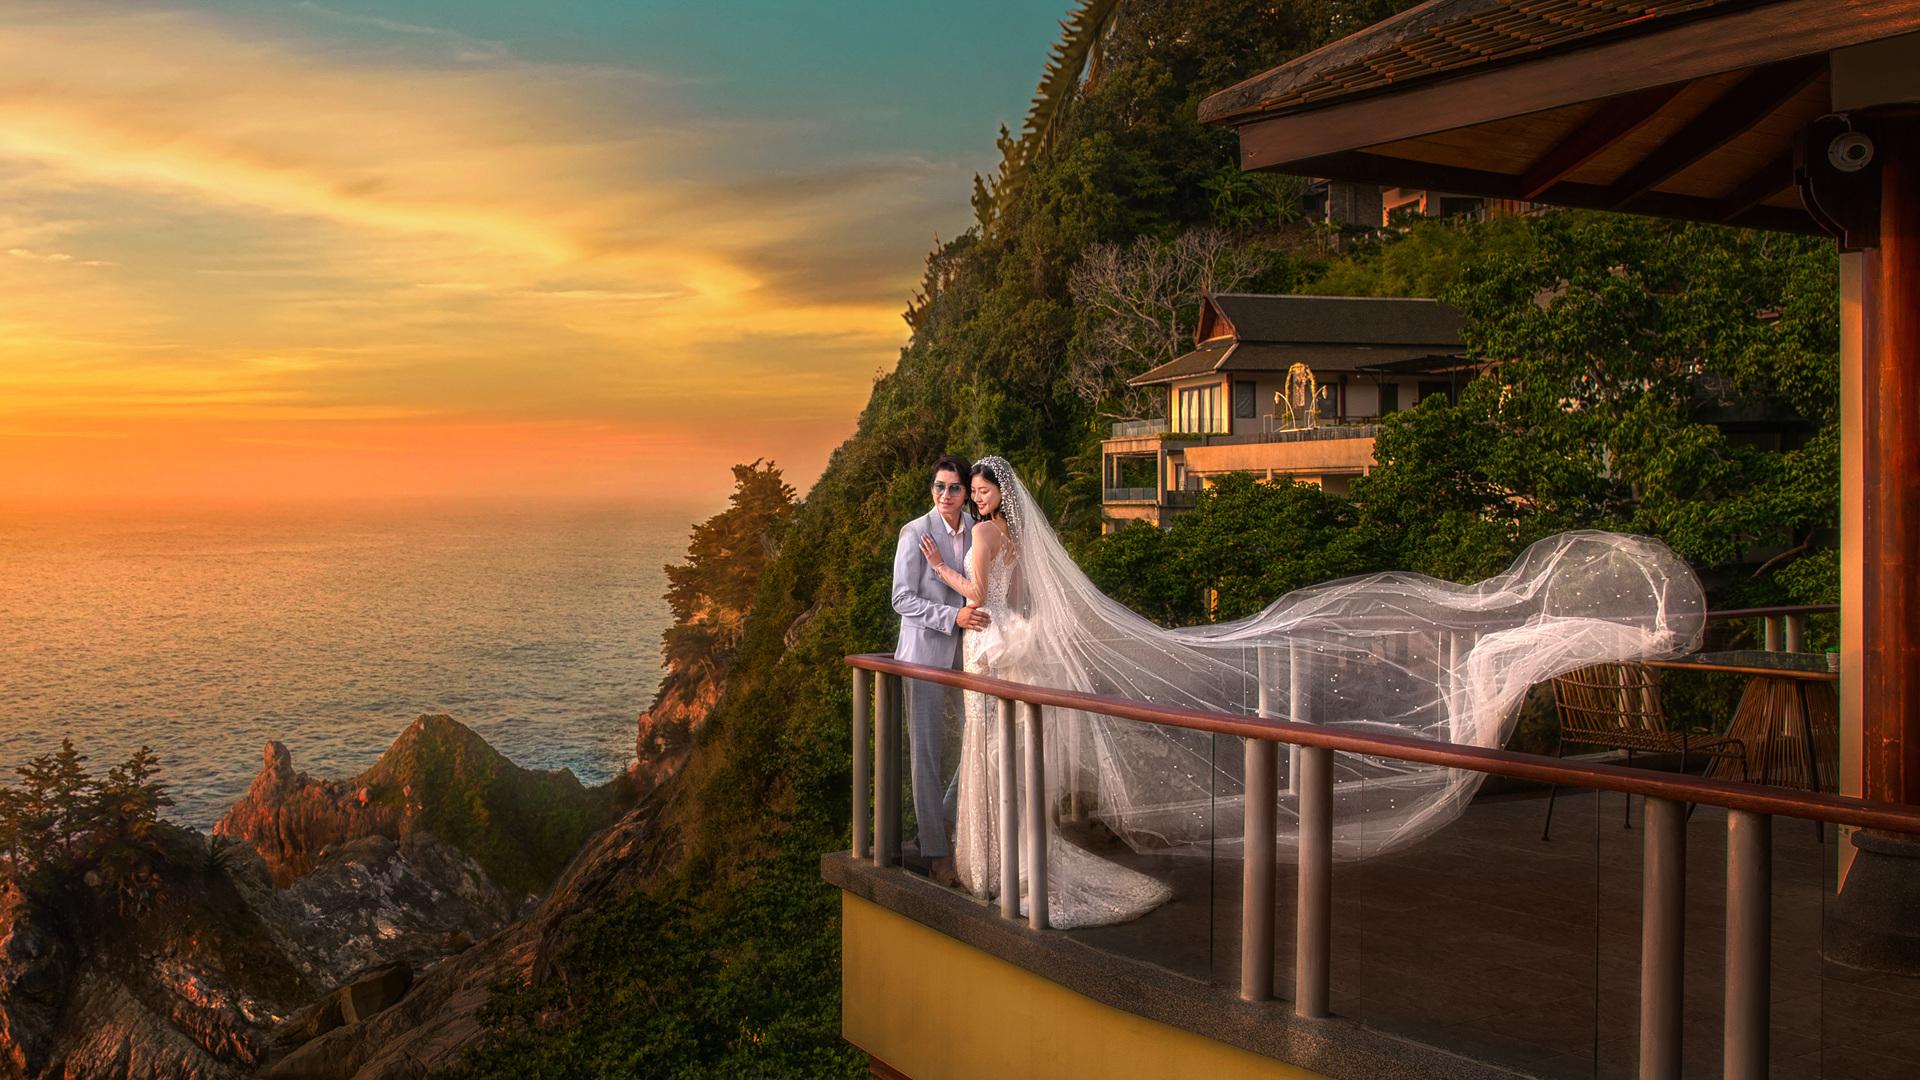 秋天拍婚纱照攻略有哪些?拍婚纱照需要注意什么?